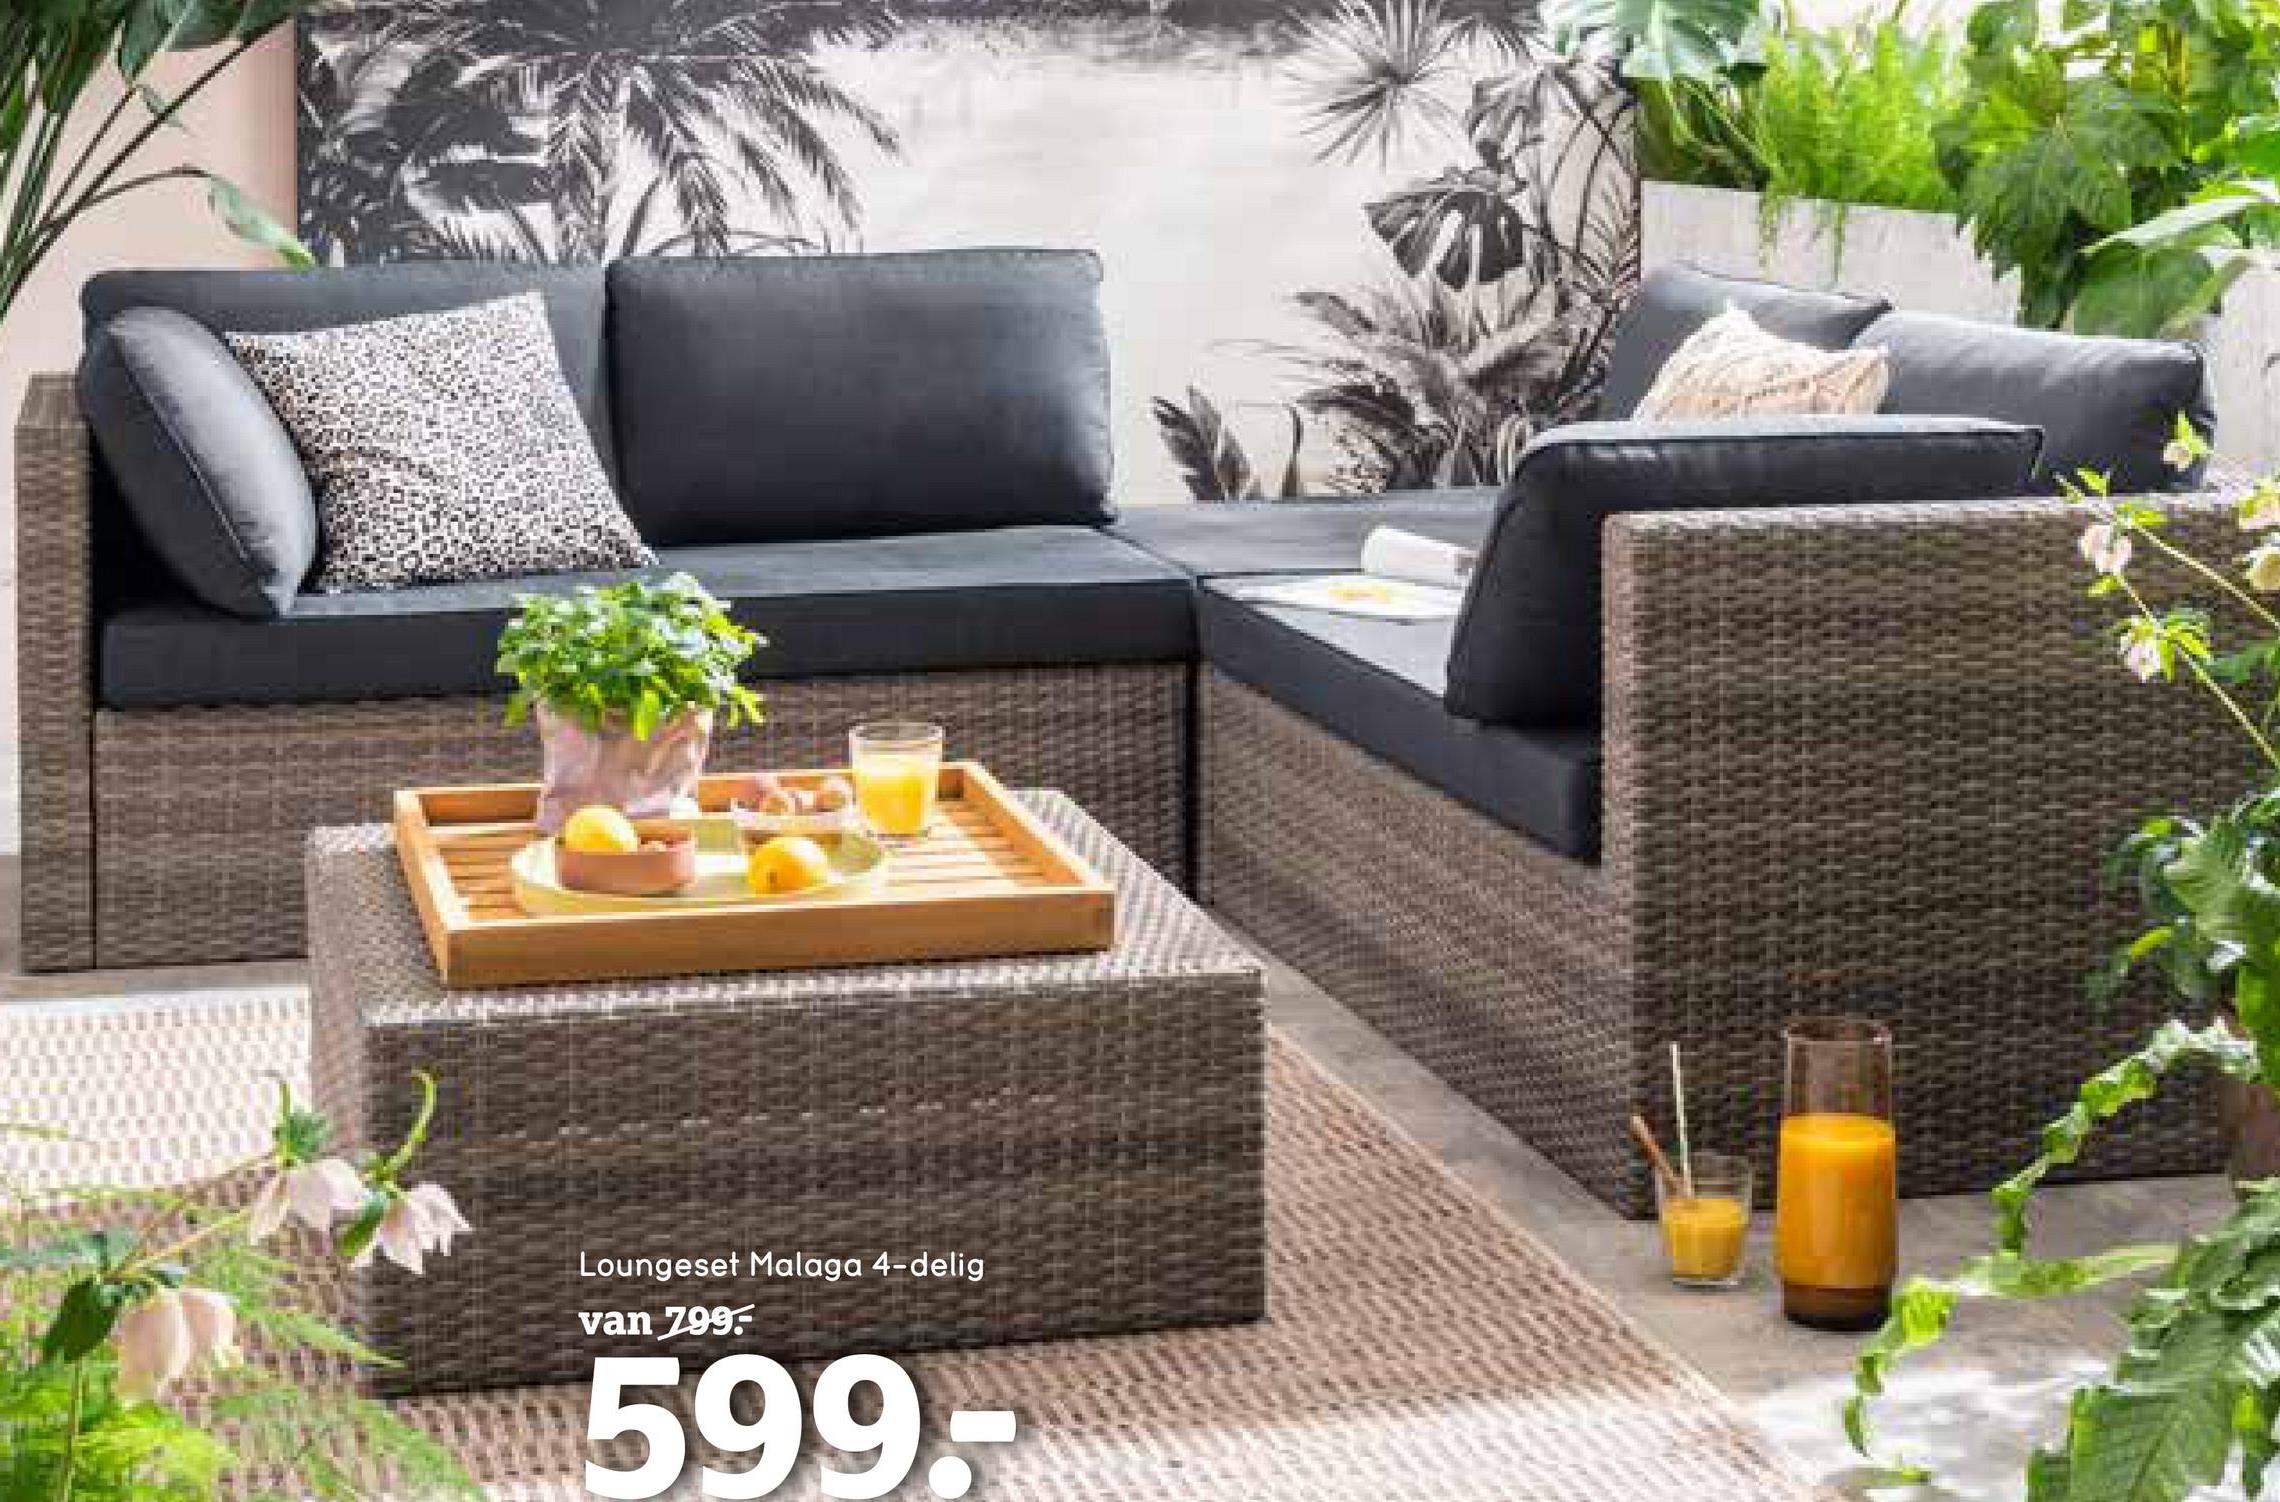 Loungeset Malaga - grijs - 4-delig - Leen Bakker Dit is een 4-delige loungeset bestaande uit een tafel/voetenbankje, twee 2-zits hoekelementen en een losse hocker. Deze complete set is gemaakt van metaal met wicker en wordt geleverd inclusief zachte kussens.